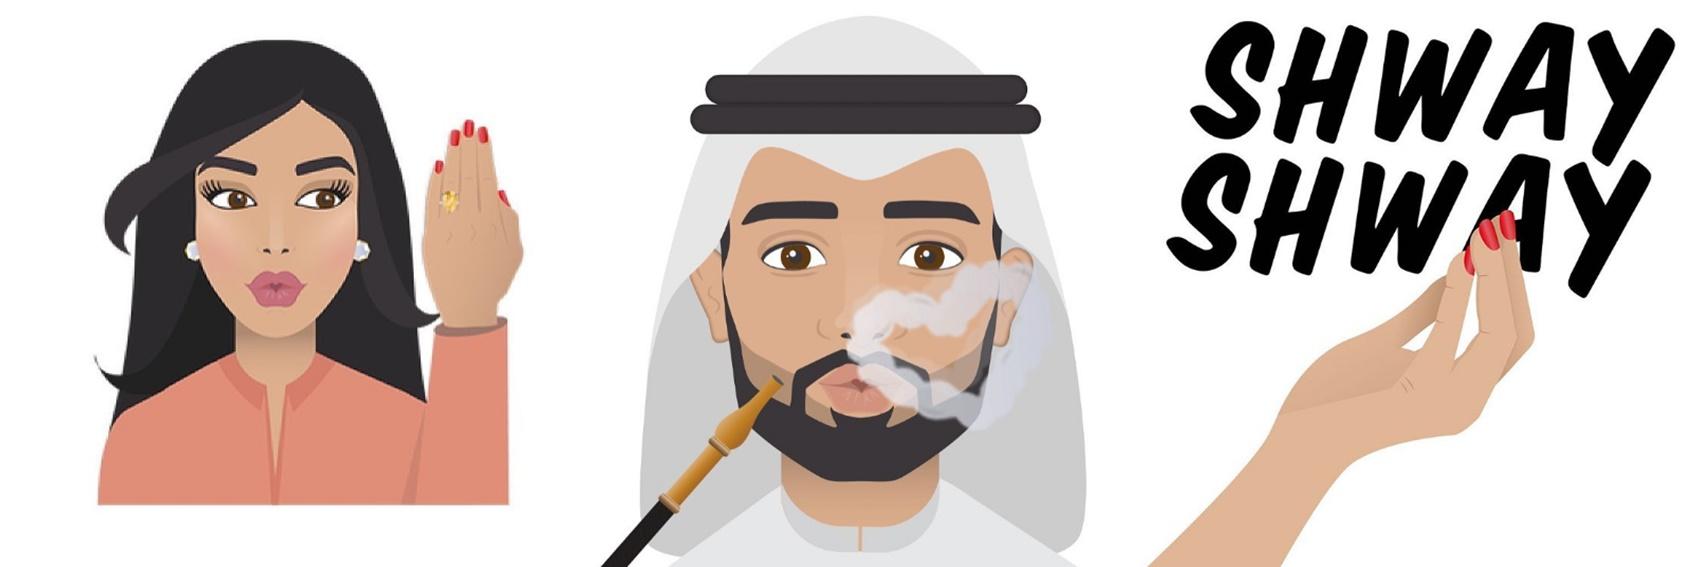 Dokážu emodži zmeniť vnímanie arabského sveta?